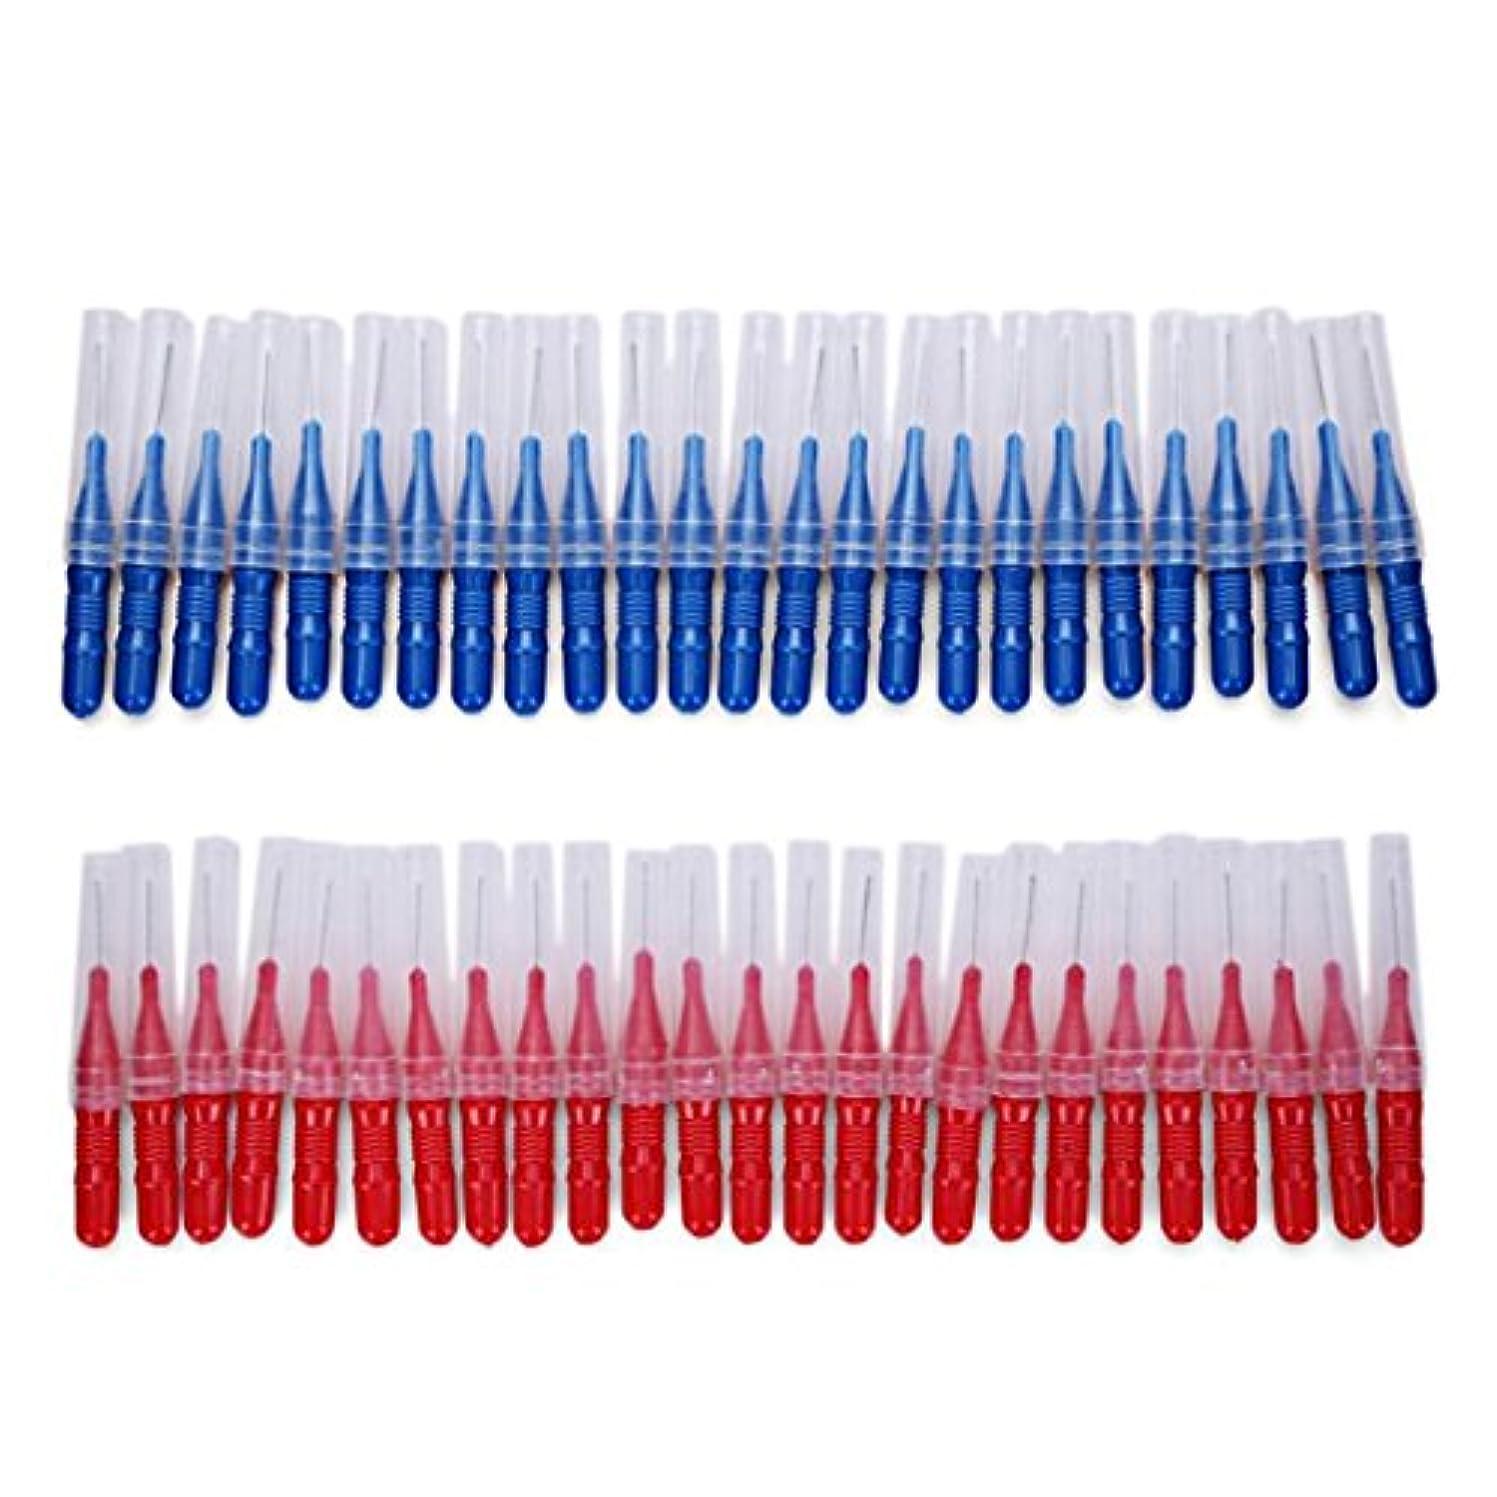 デコードする霧深い昇る2.5ミリメートル50ピース/セットブラッシング歯すきま歯ブラシクリーニングツール歯のケア歯科用歯間ブラシ - 赤と青